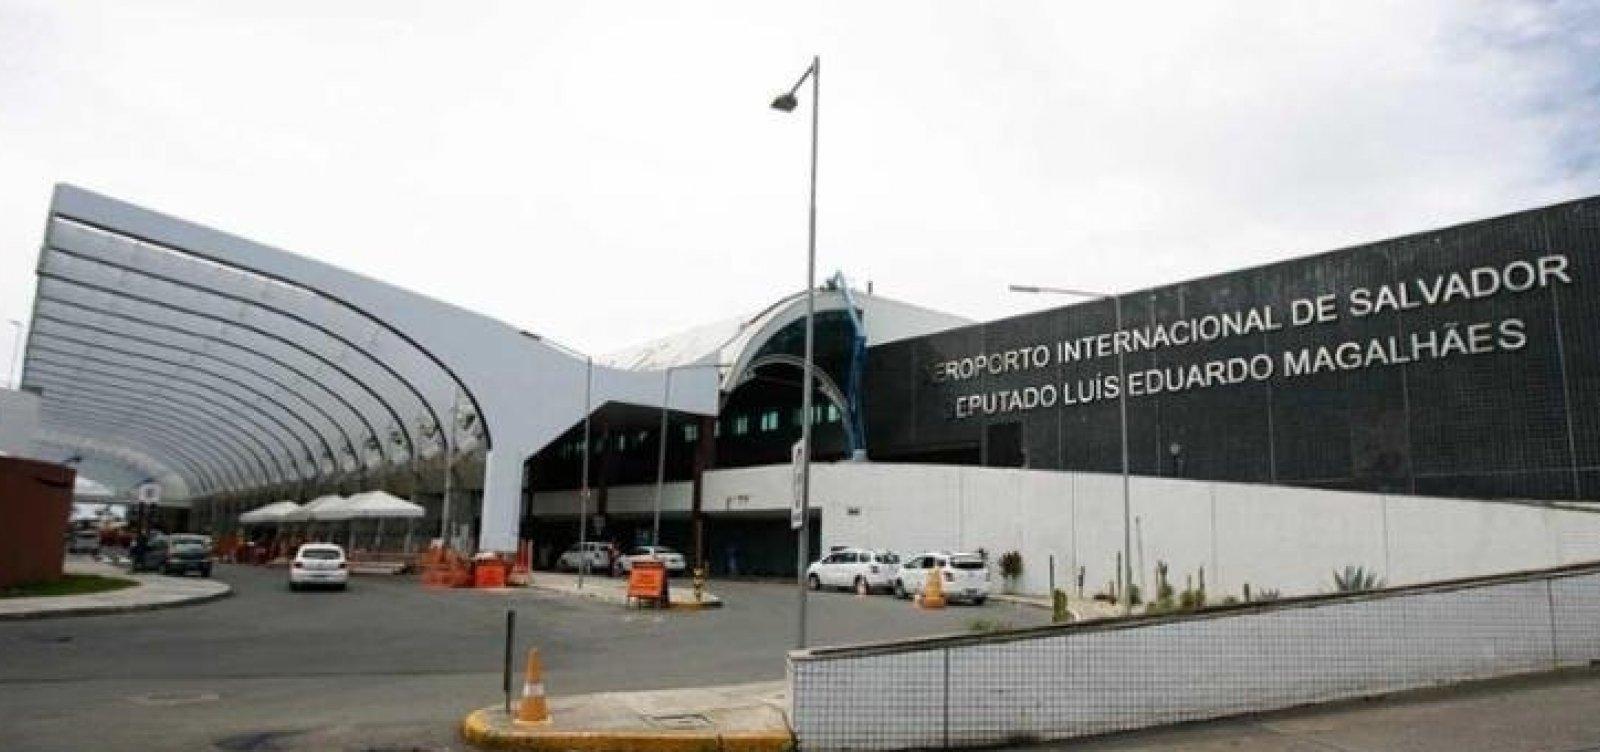 Preço de passagens aéreas com saída de Salvador aumenta 100%; trecho para RJ chega a R$ 3 mil